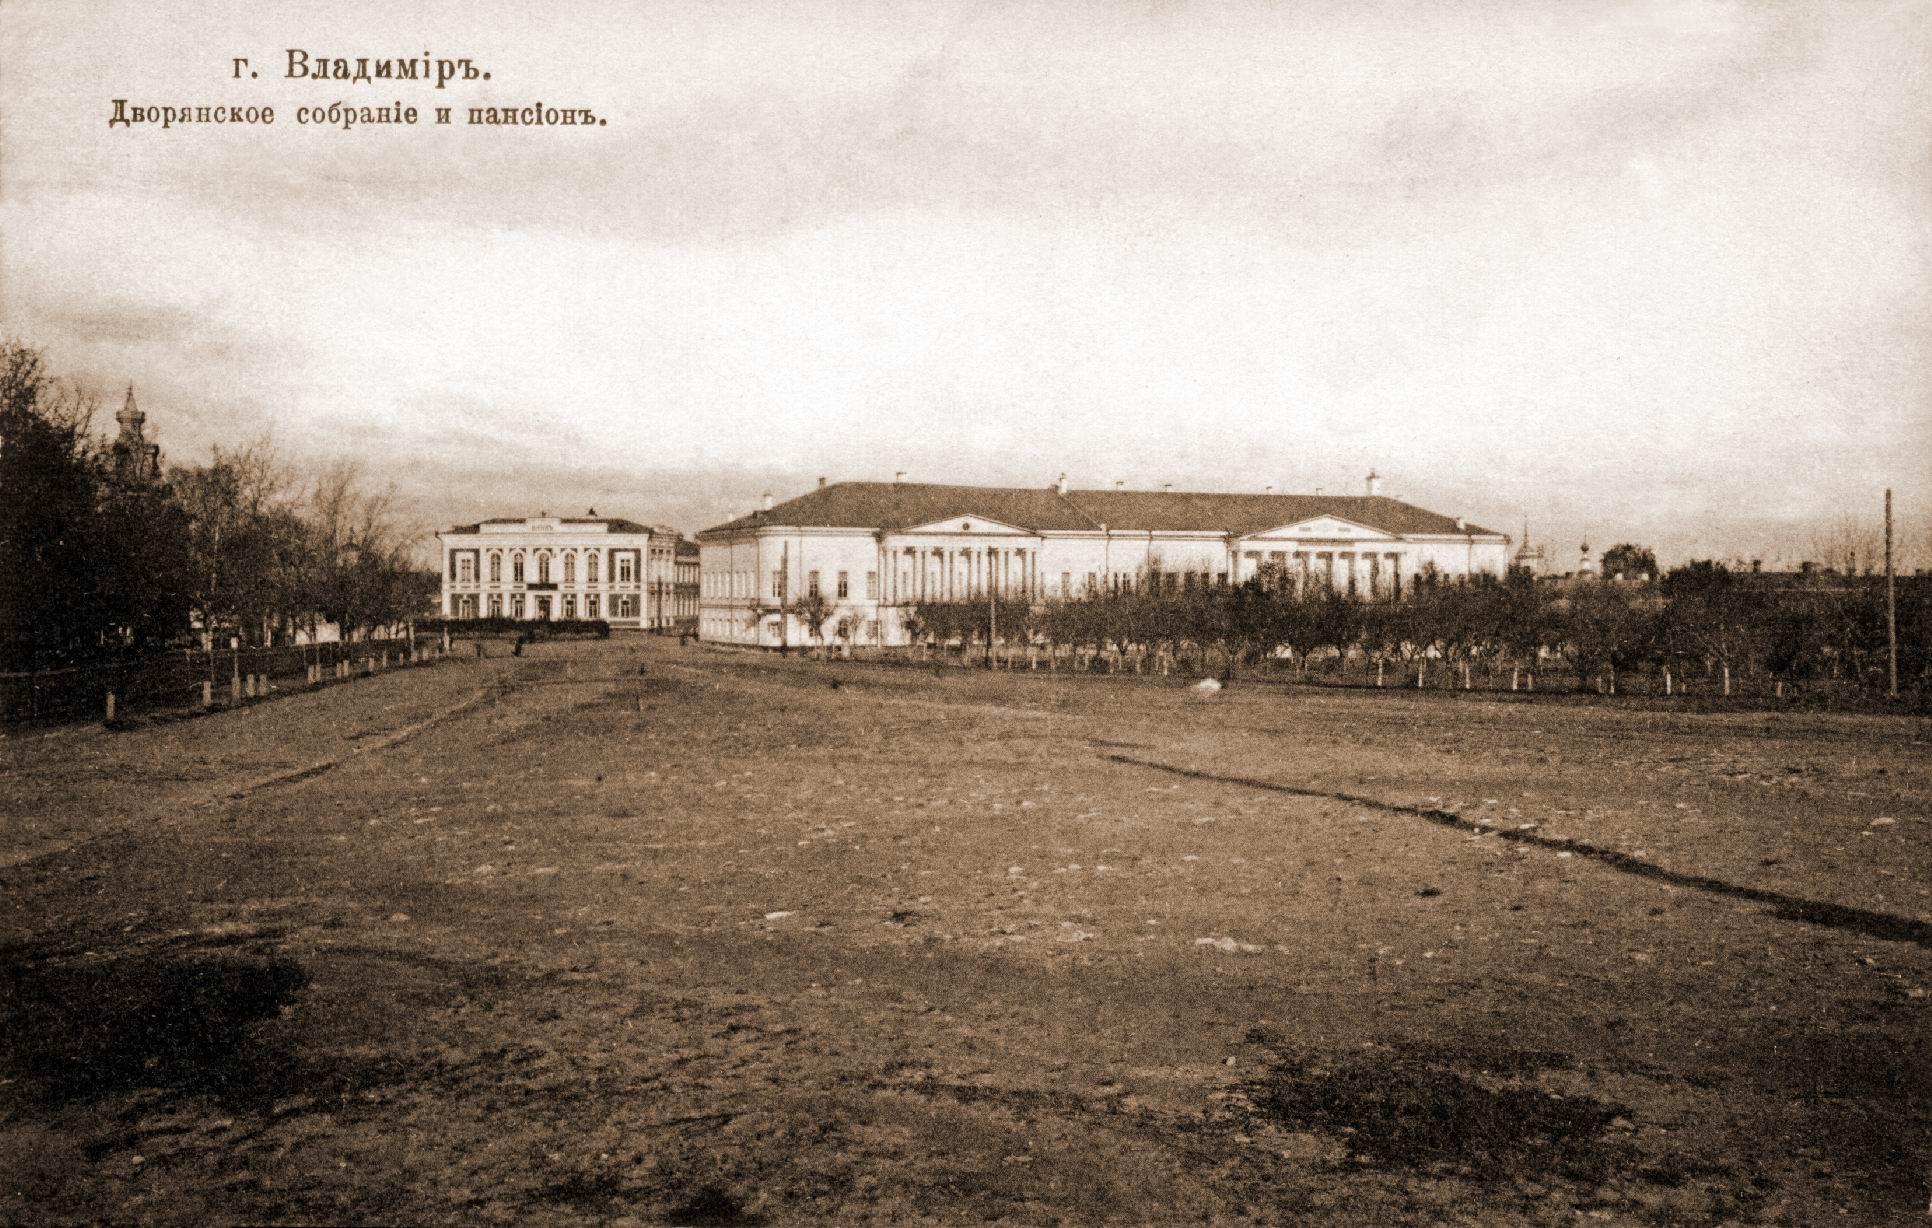 Дворянское собрание и пансион